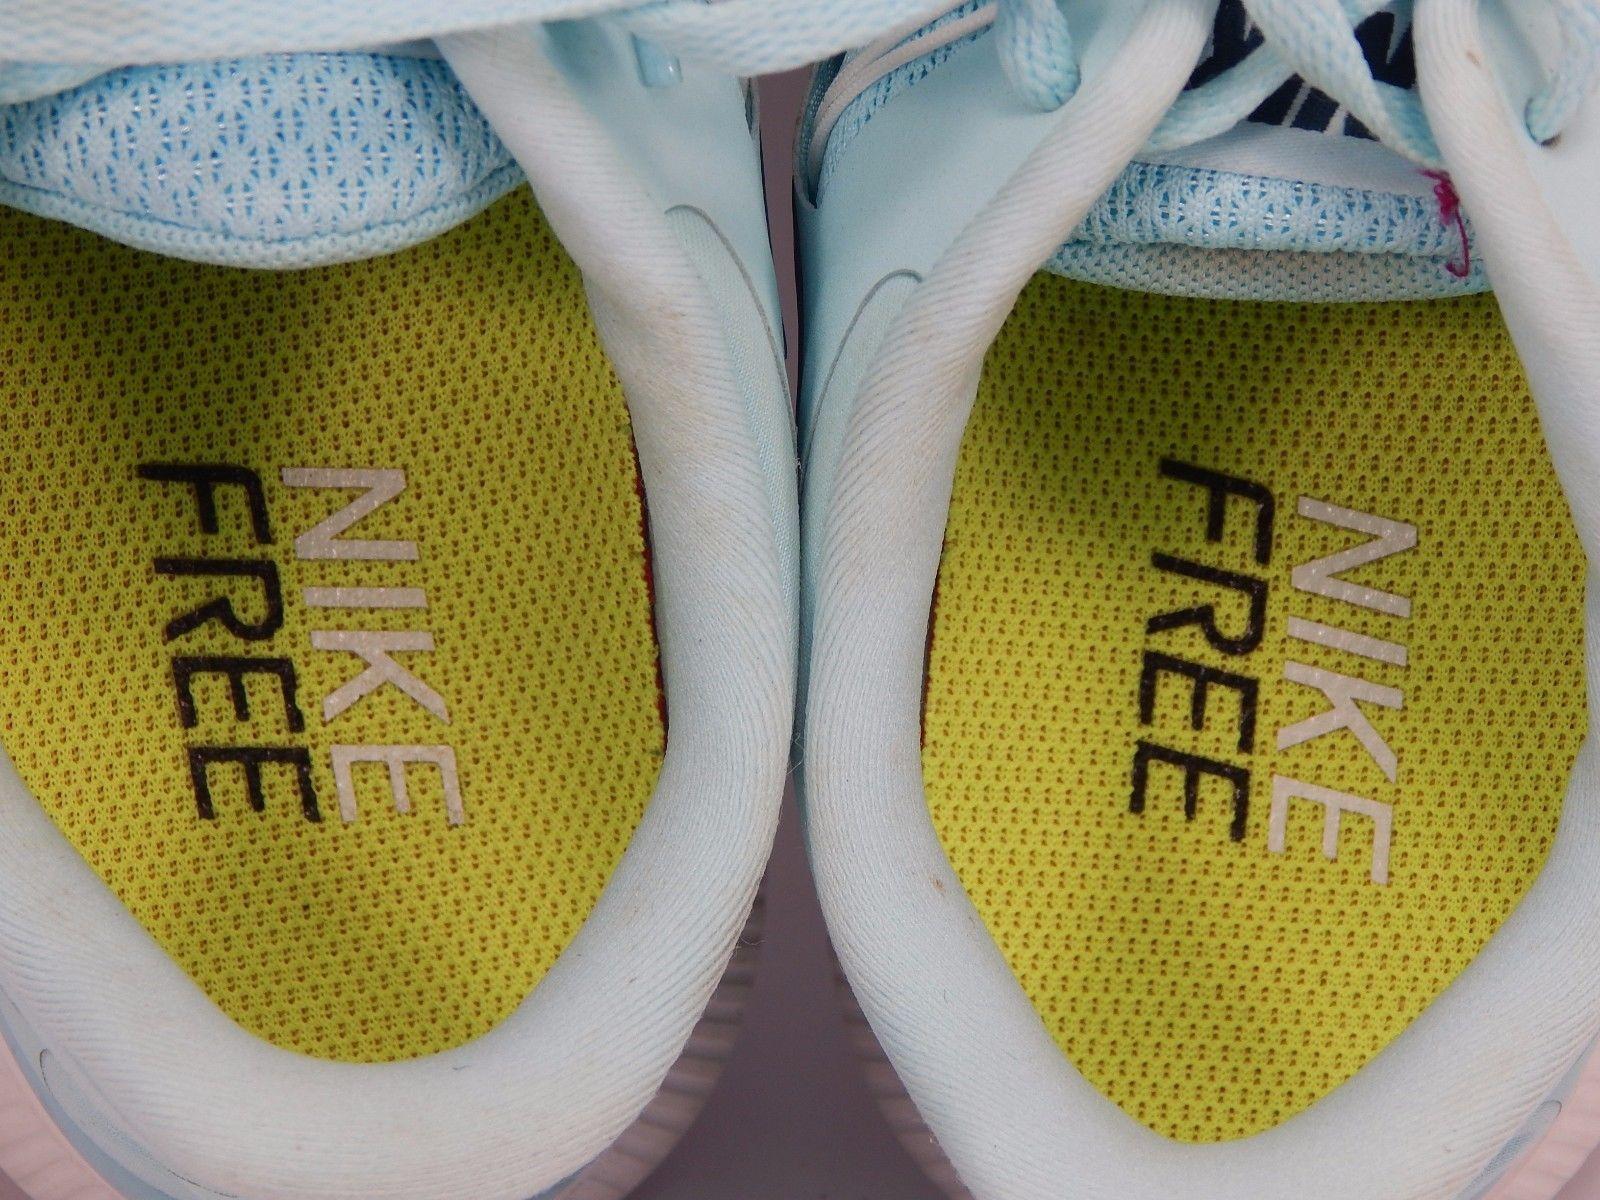 Nike Free 5.0+ 2014 Women's Running Shoes Sz US 9 M (B) EU 40.5 Blue 580591-431